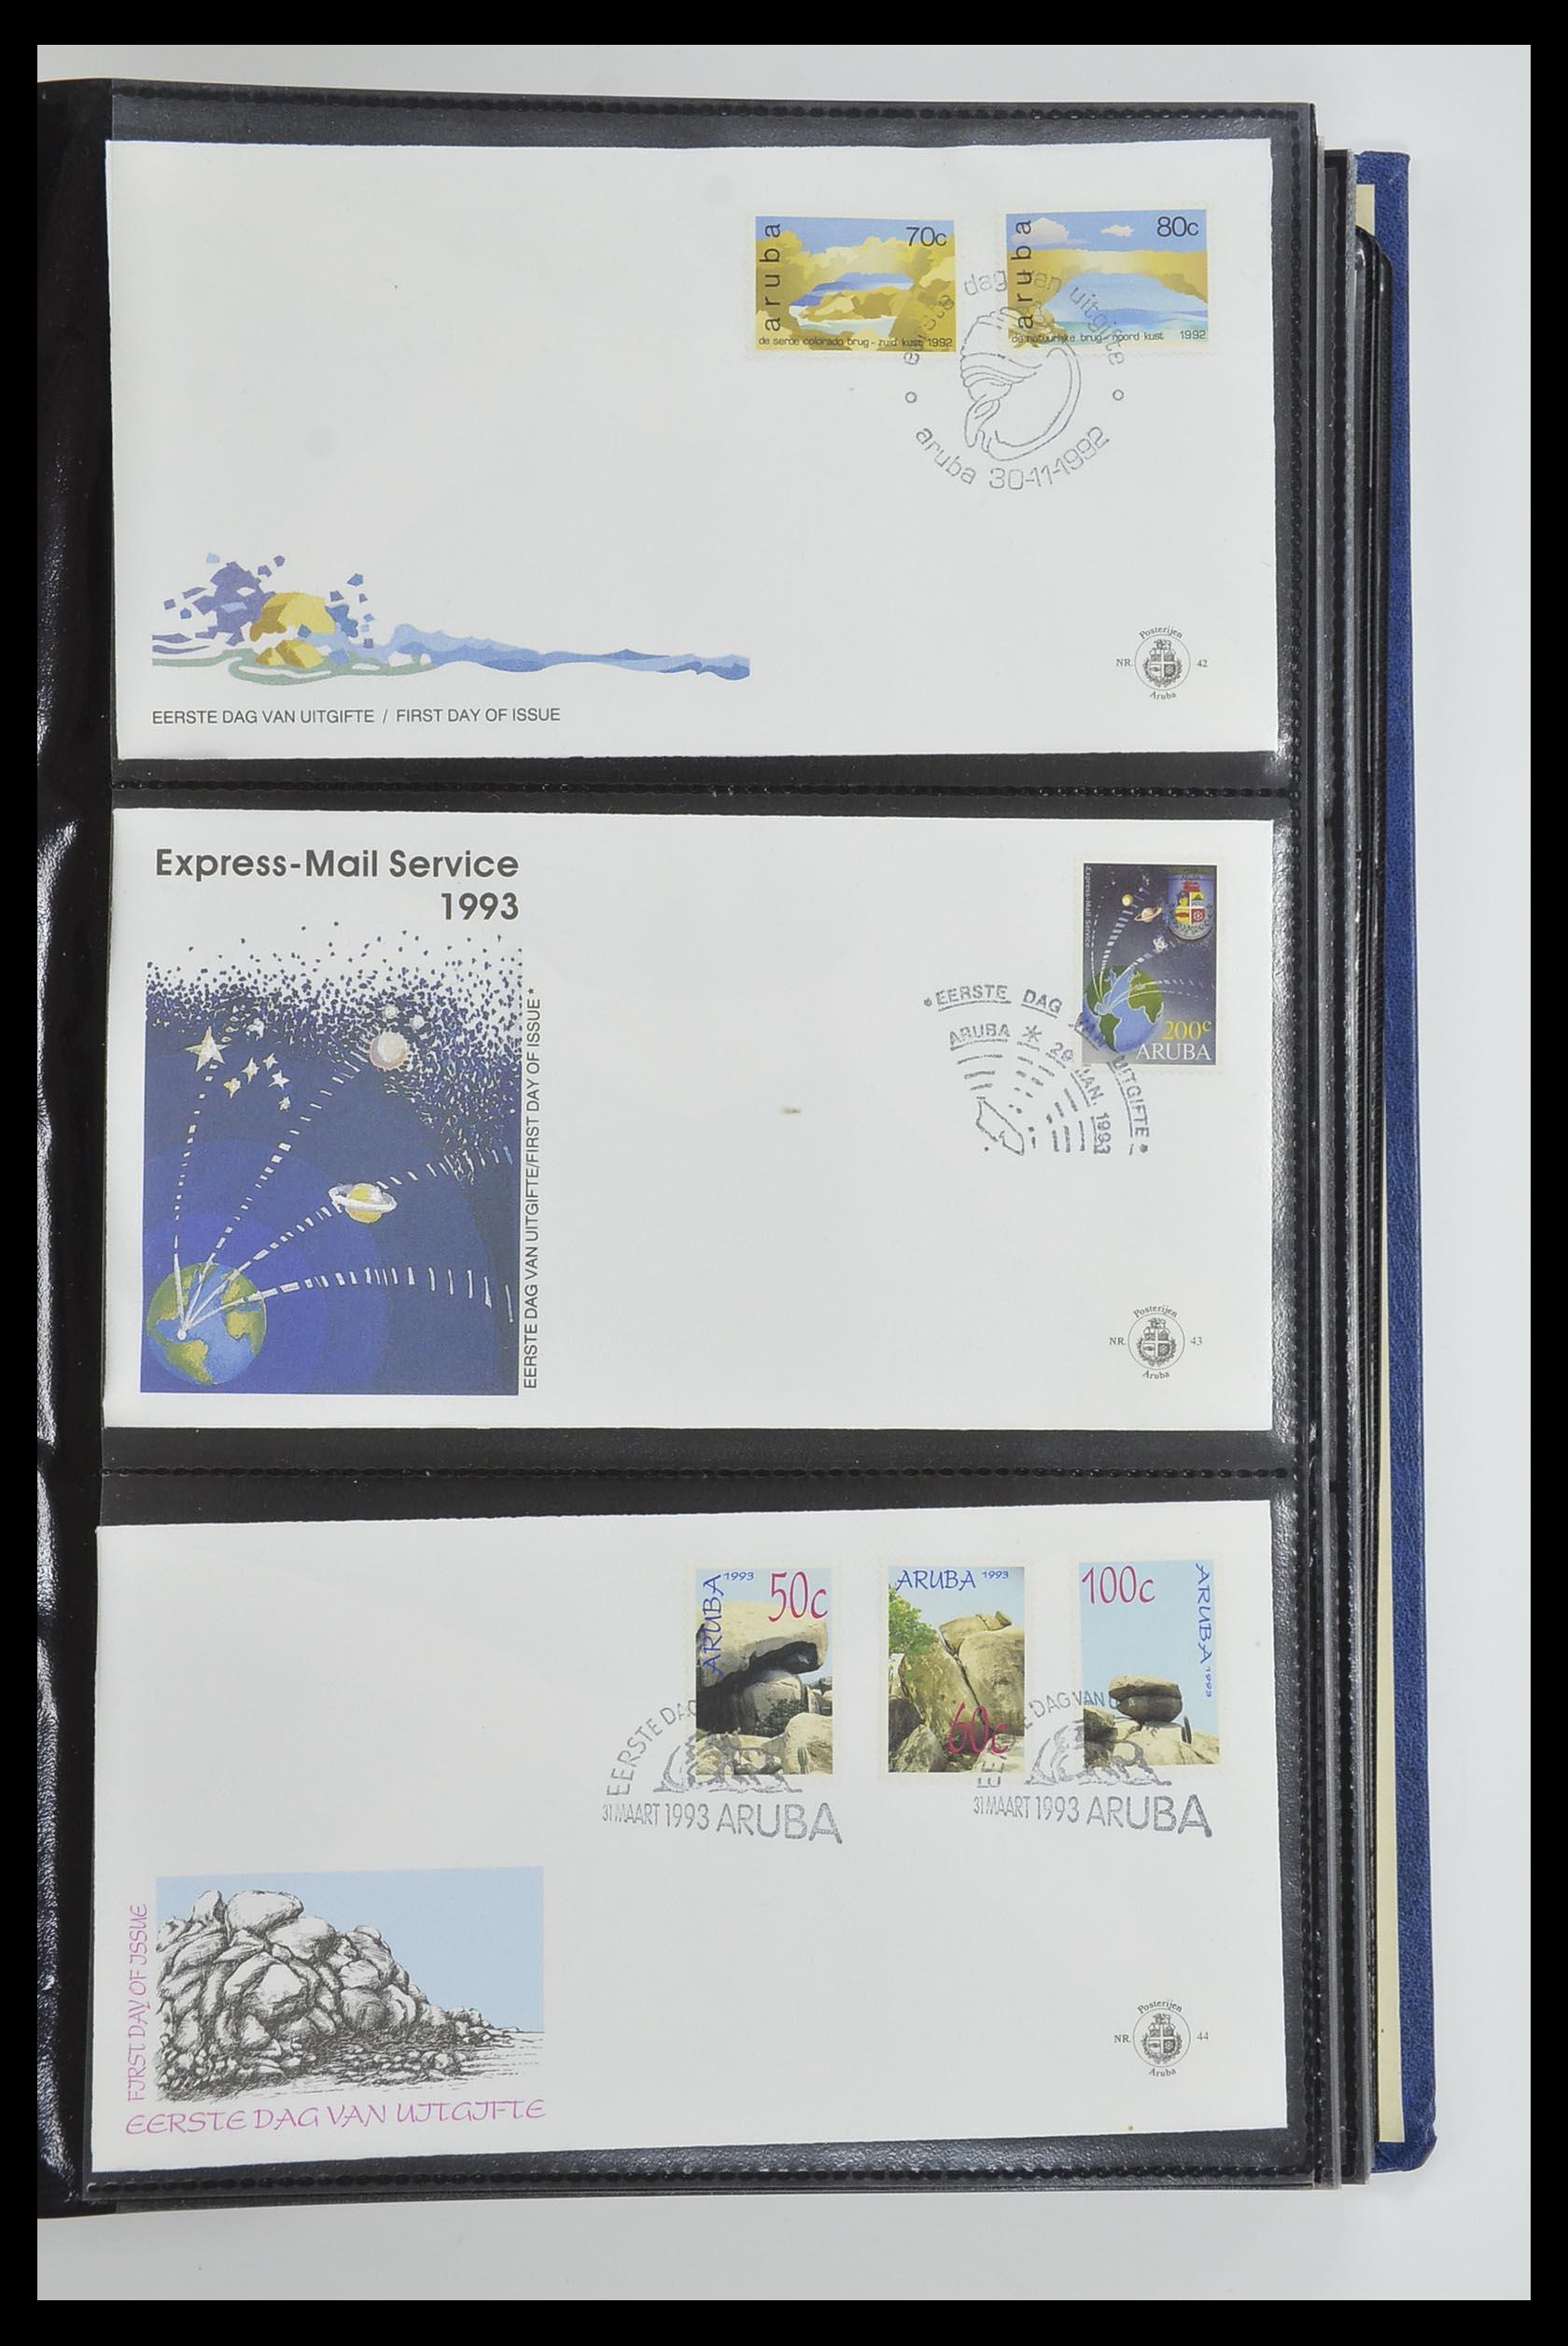 33585 015 - Postzegelverzameling 33585 Aruba FDC's 1986-2006.